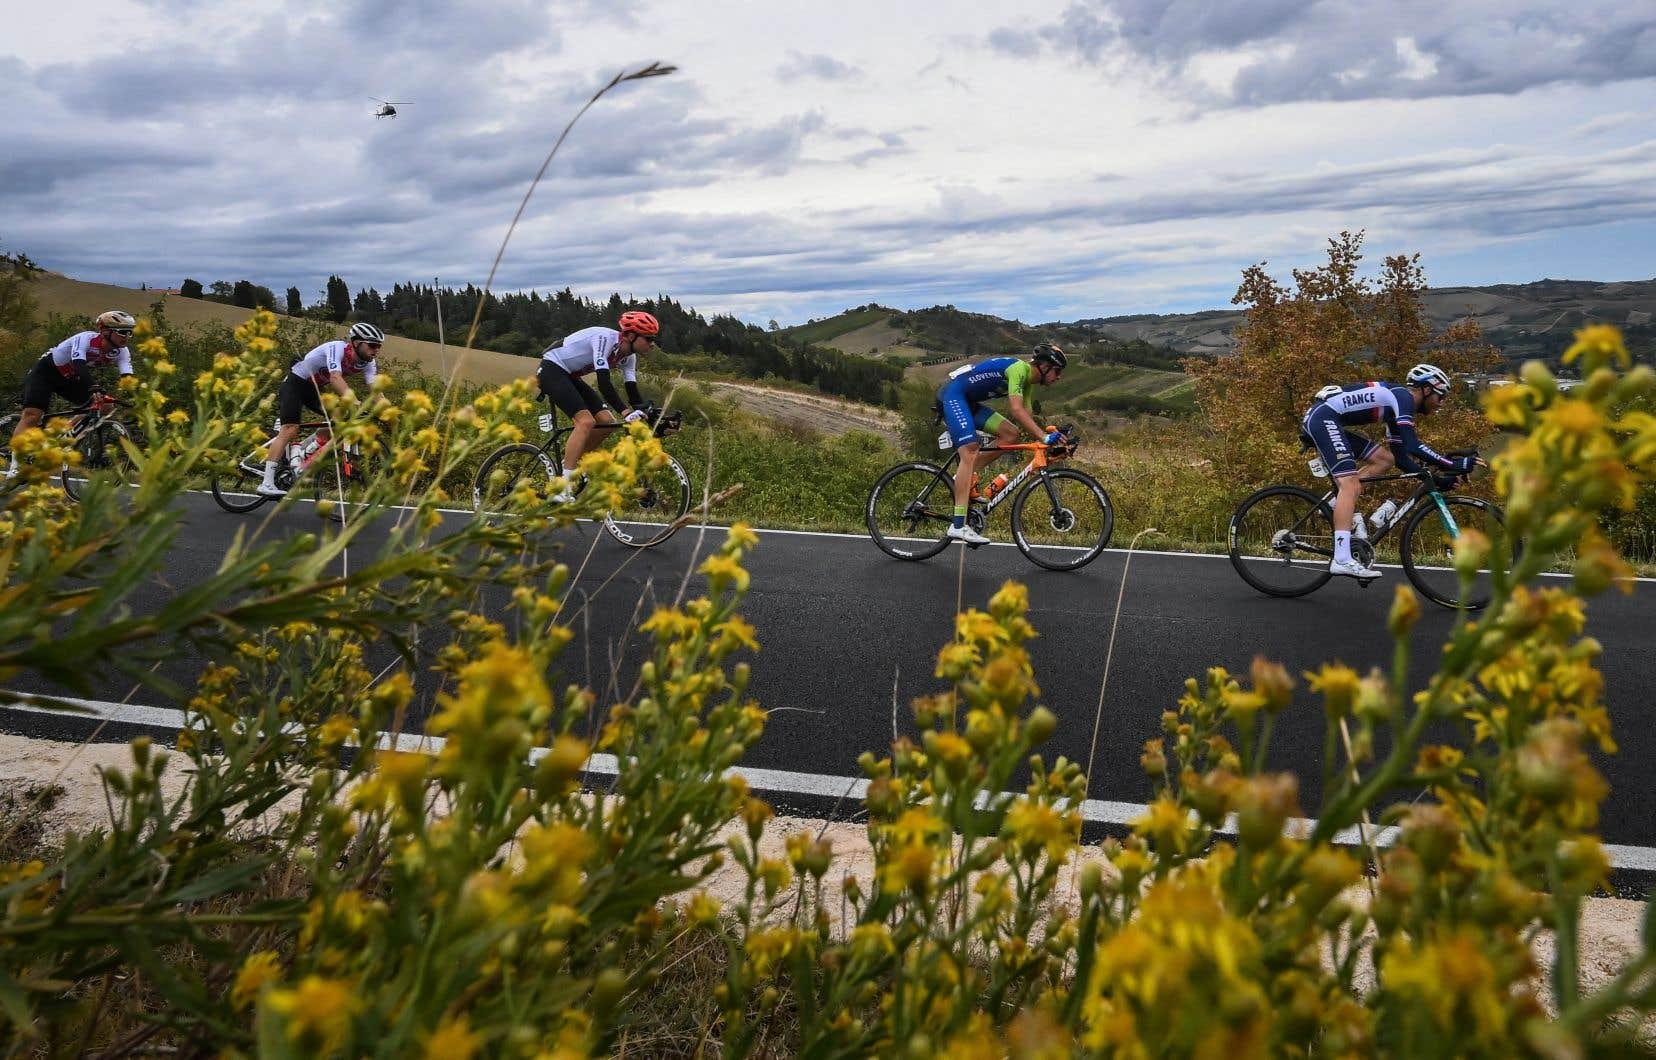 En 2020, les Championnats du monde de cyclisme sur route s'étaient déroulés à Imola, en Italie.